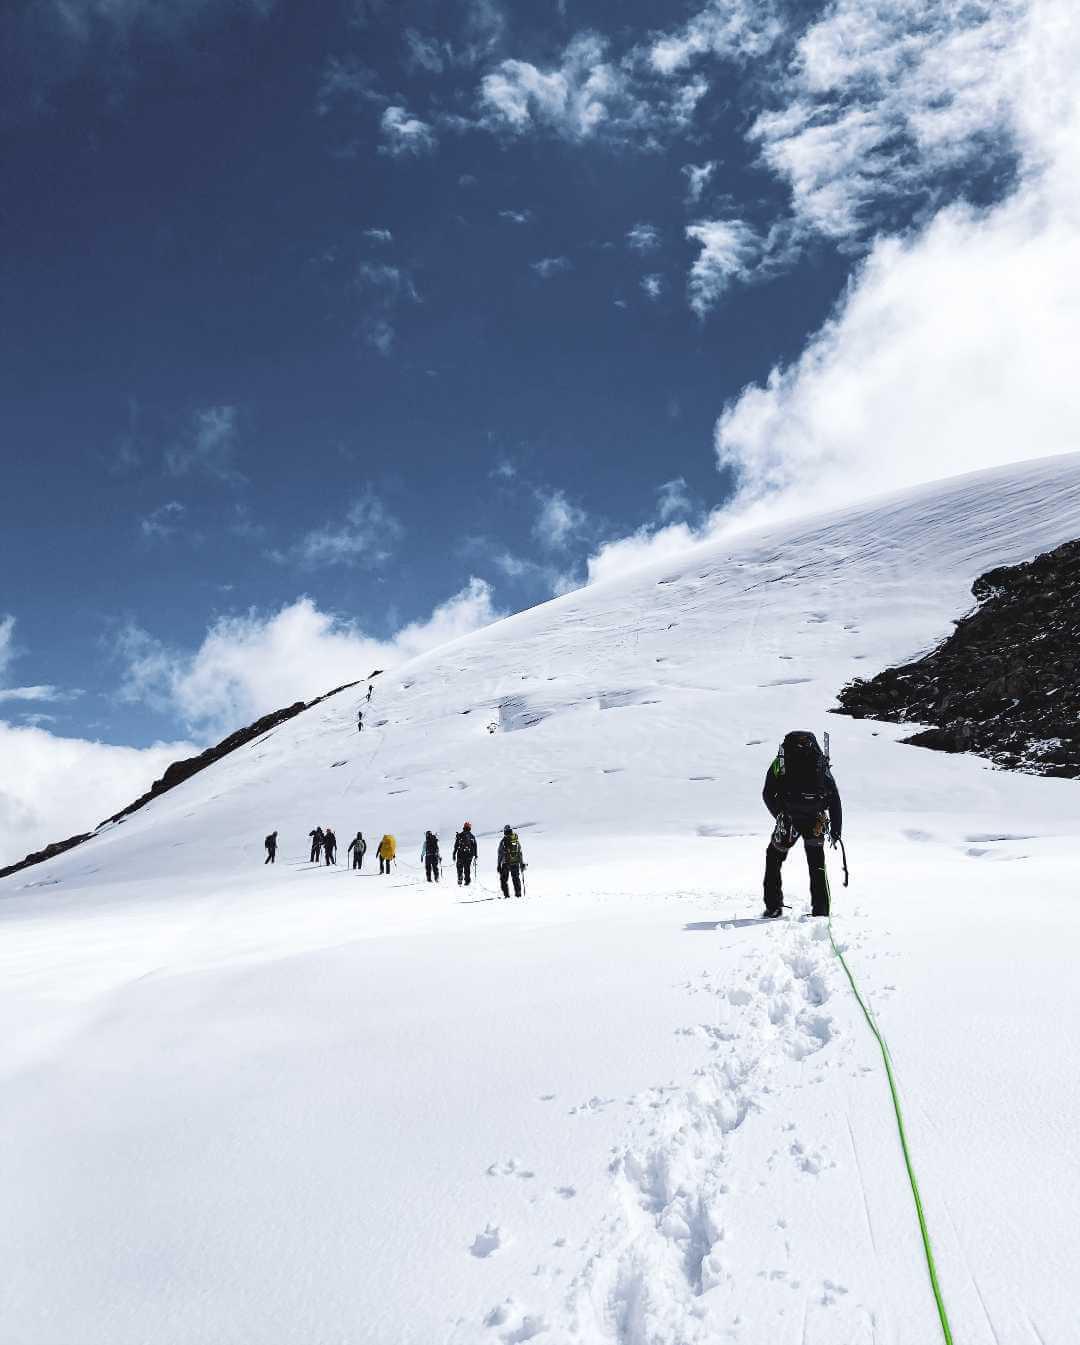 Plan tour cima nevado Santa Isabel